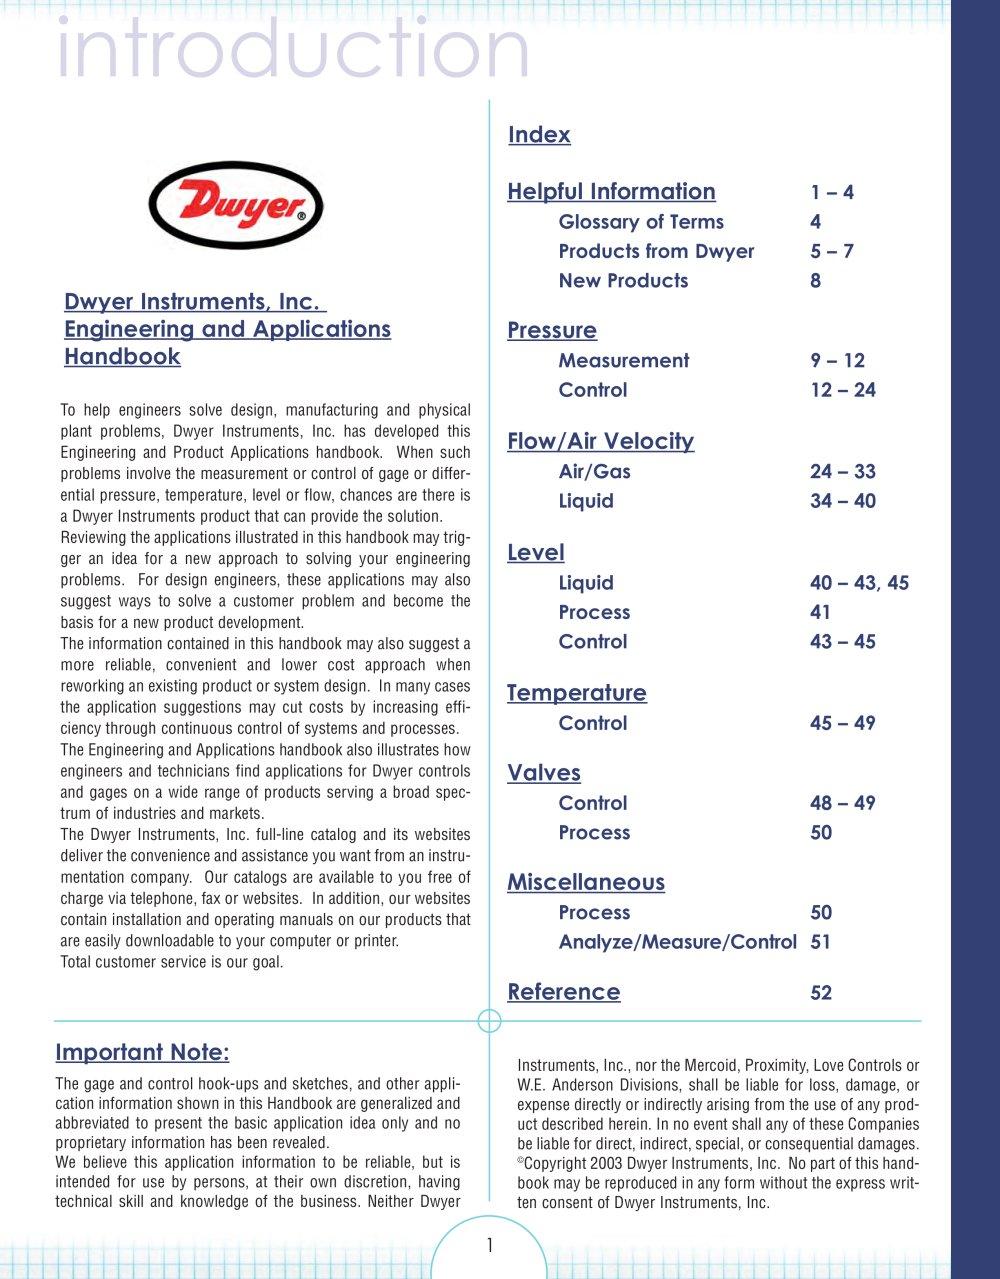 9 pdf year dwyer